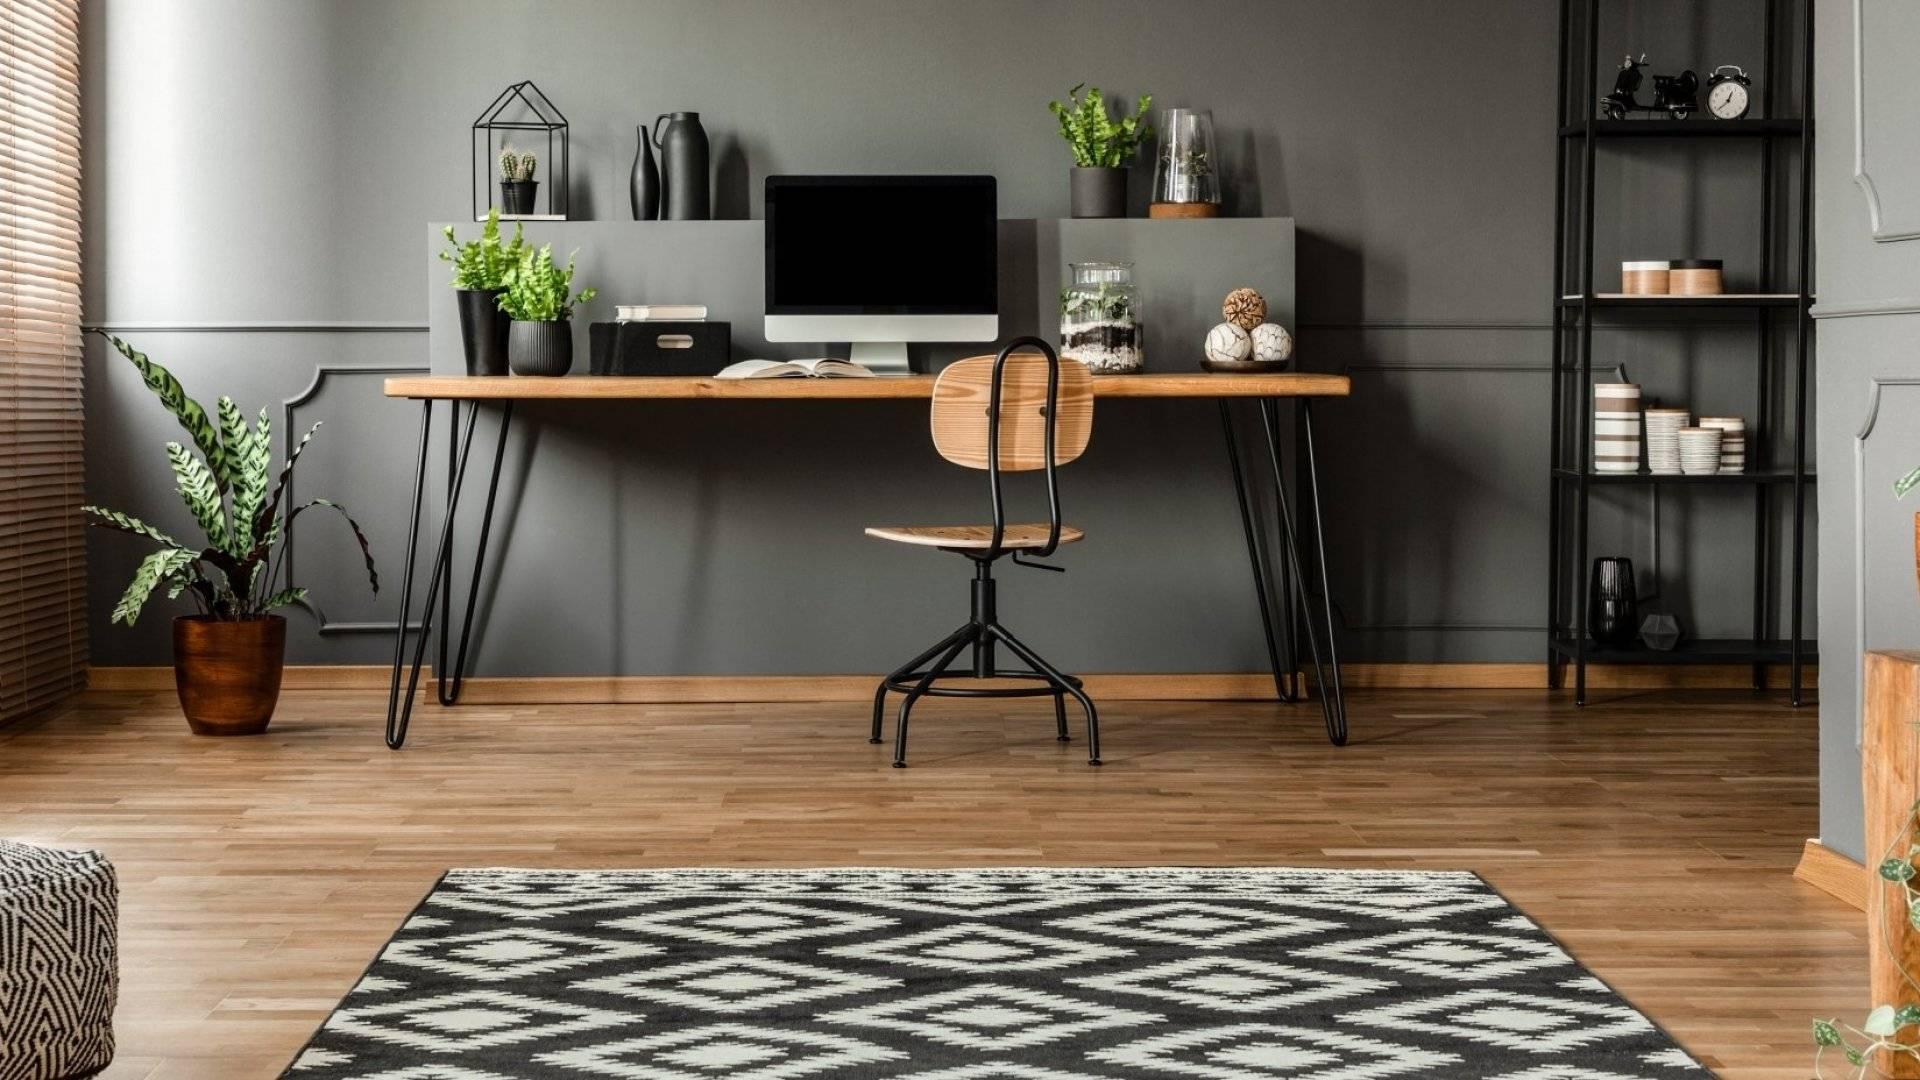 Kantor minimalis dengan tema warna gelap